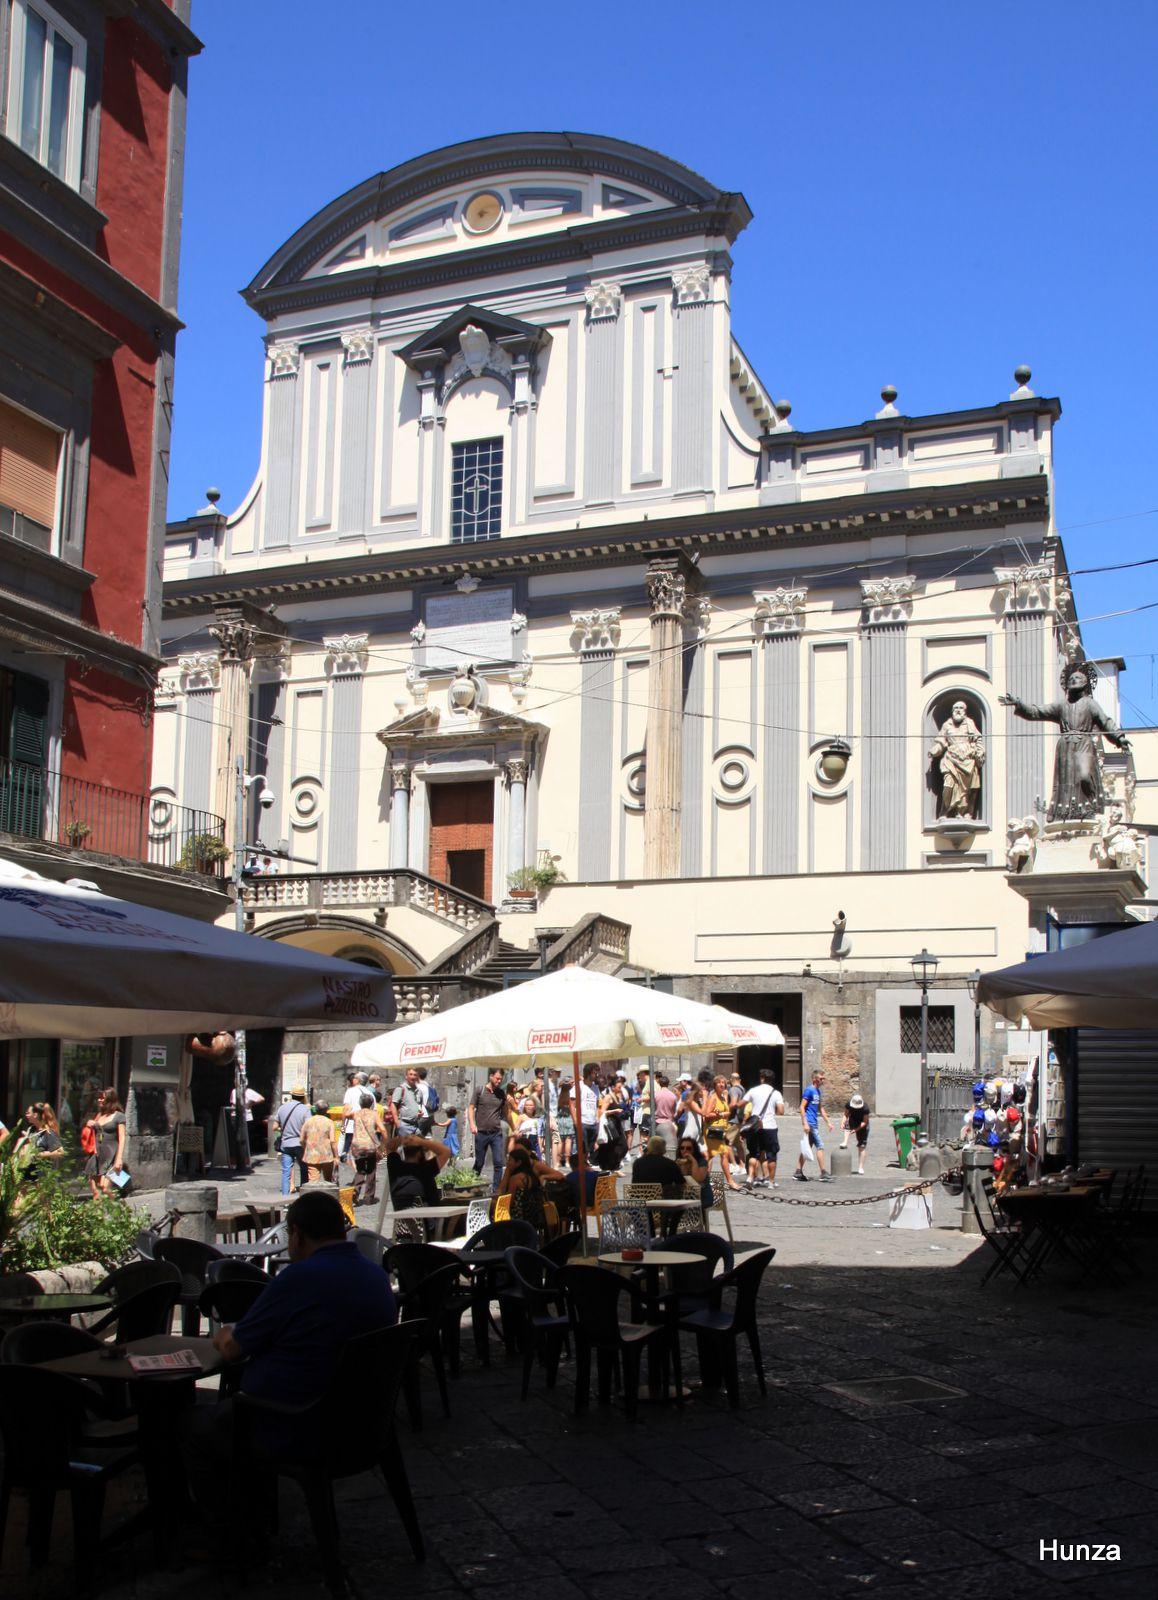 Piazza Gaetano, basilica di San Paolo Maggiore